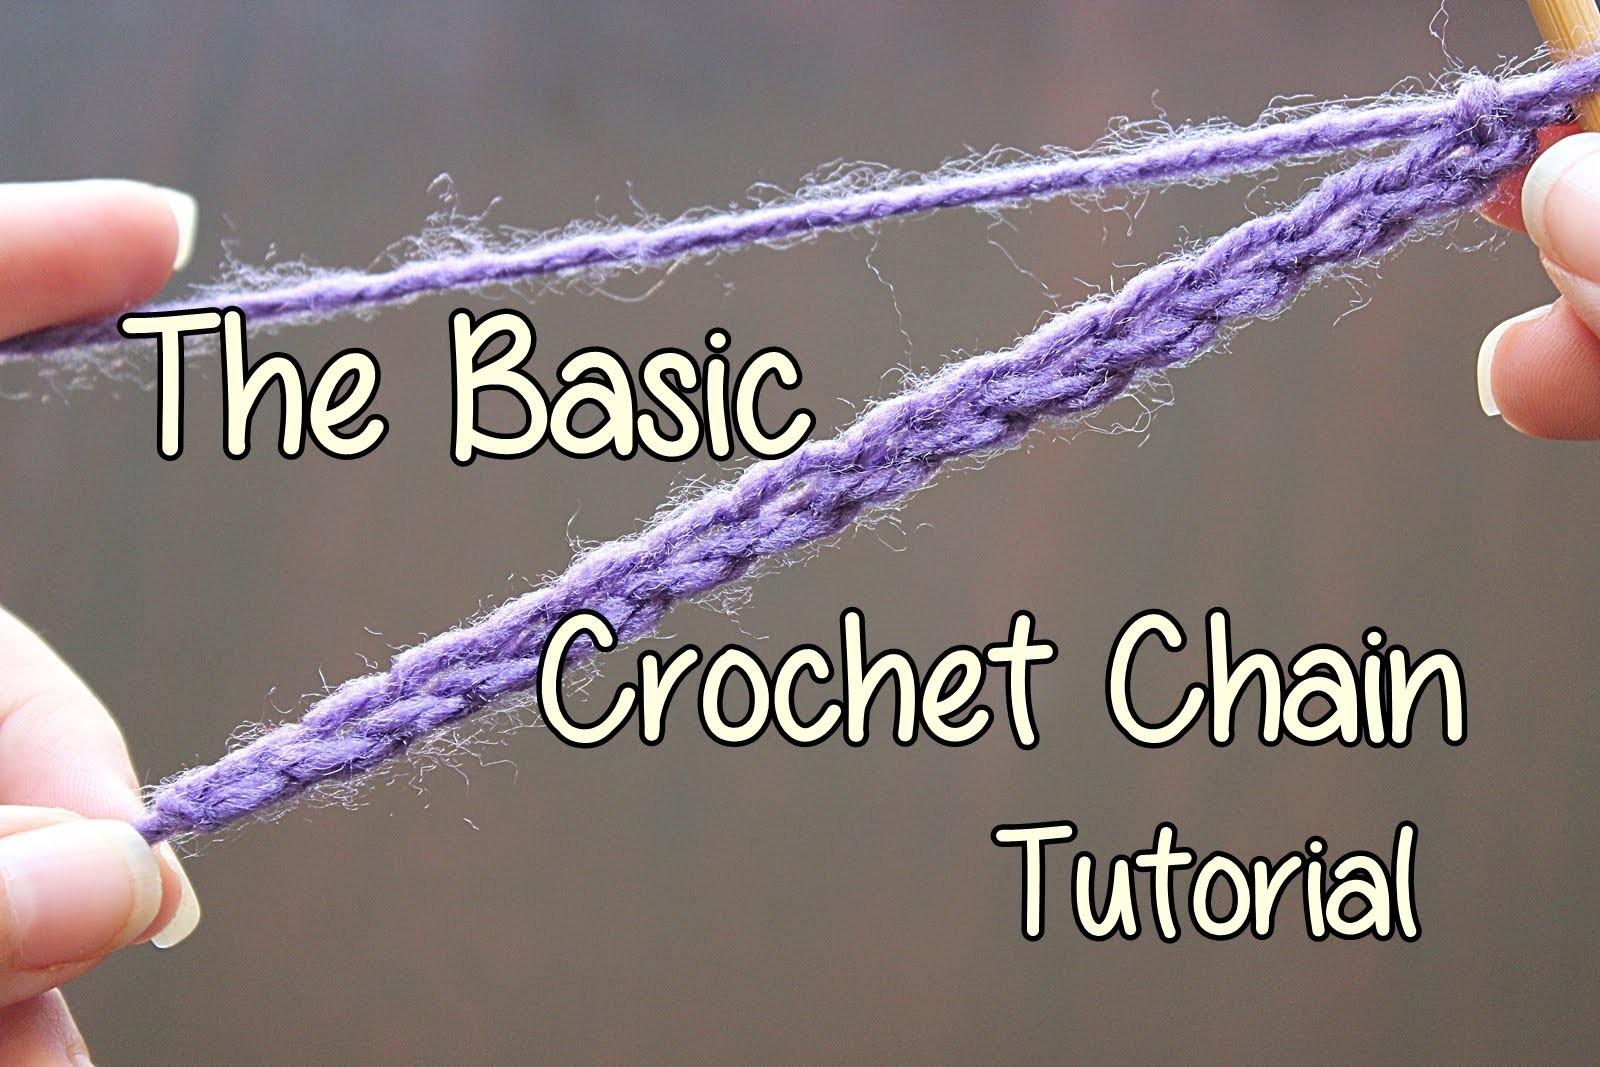 How to crochet the Basic Crochet Chain - Basic Crochet Lessons